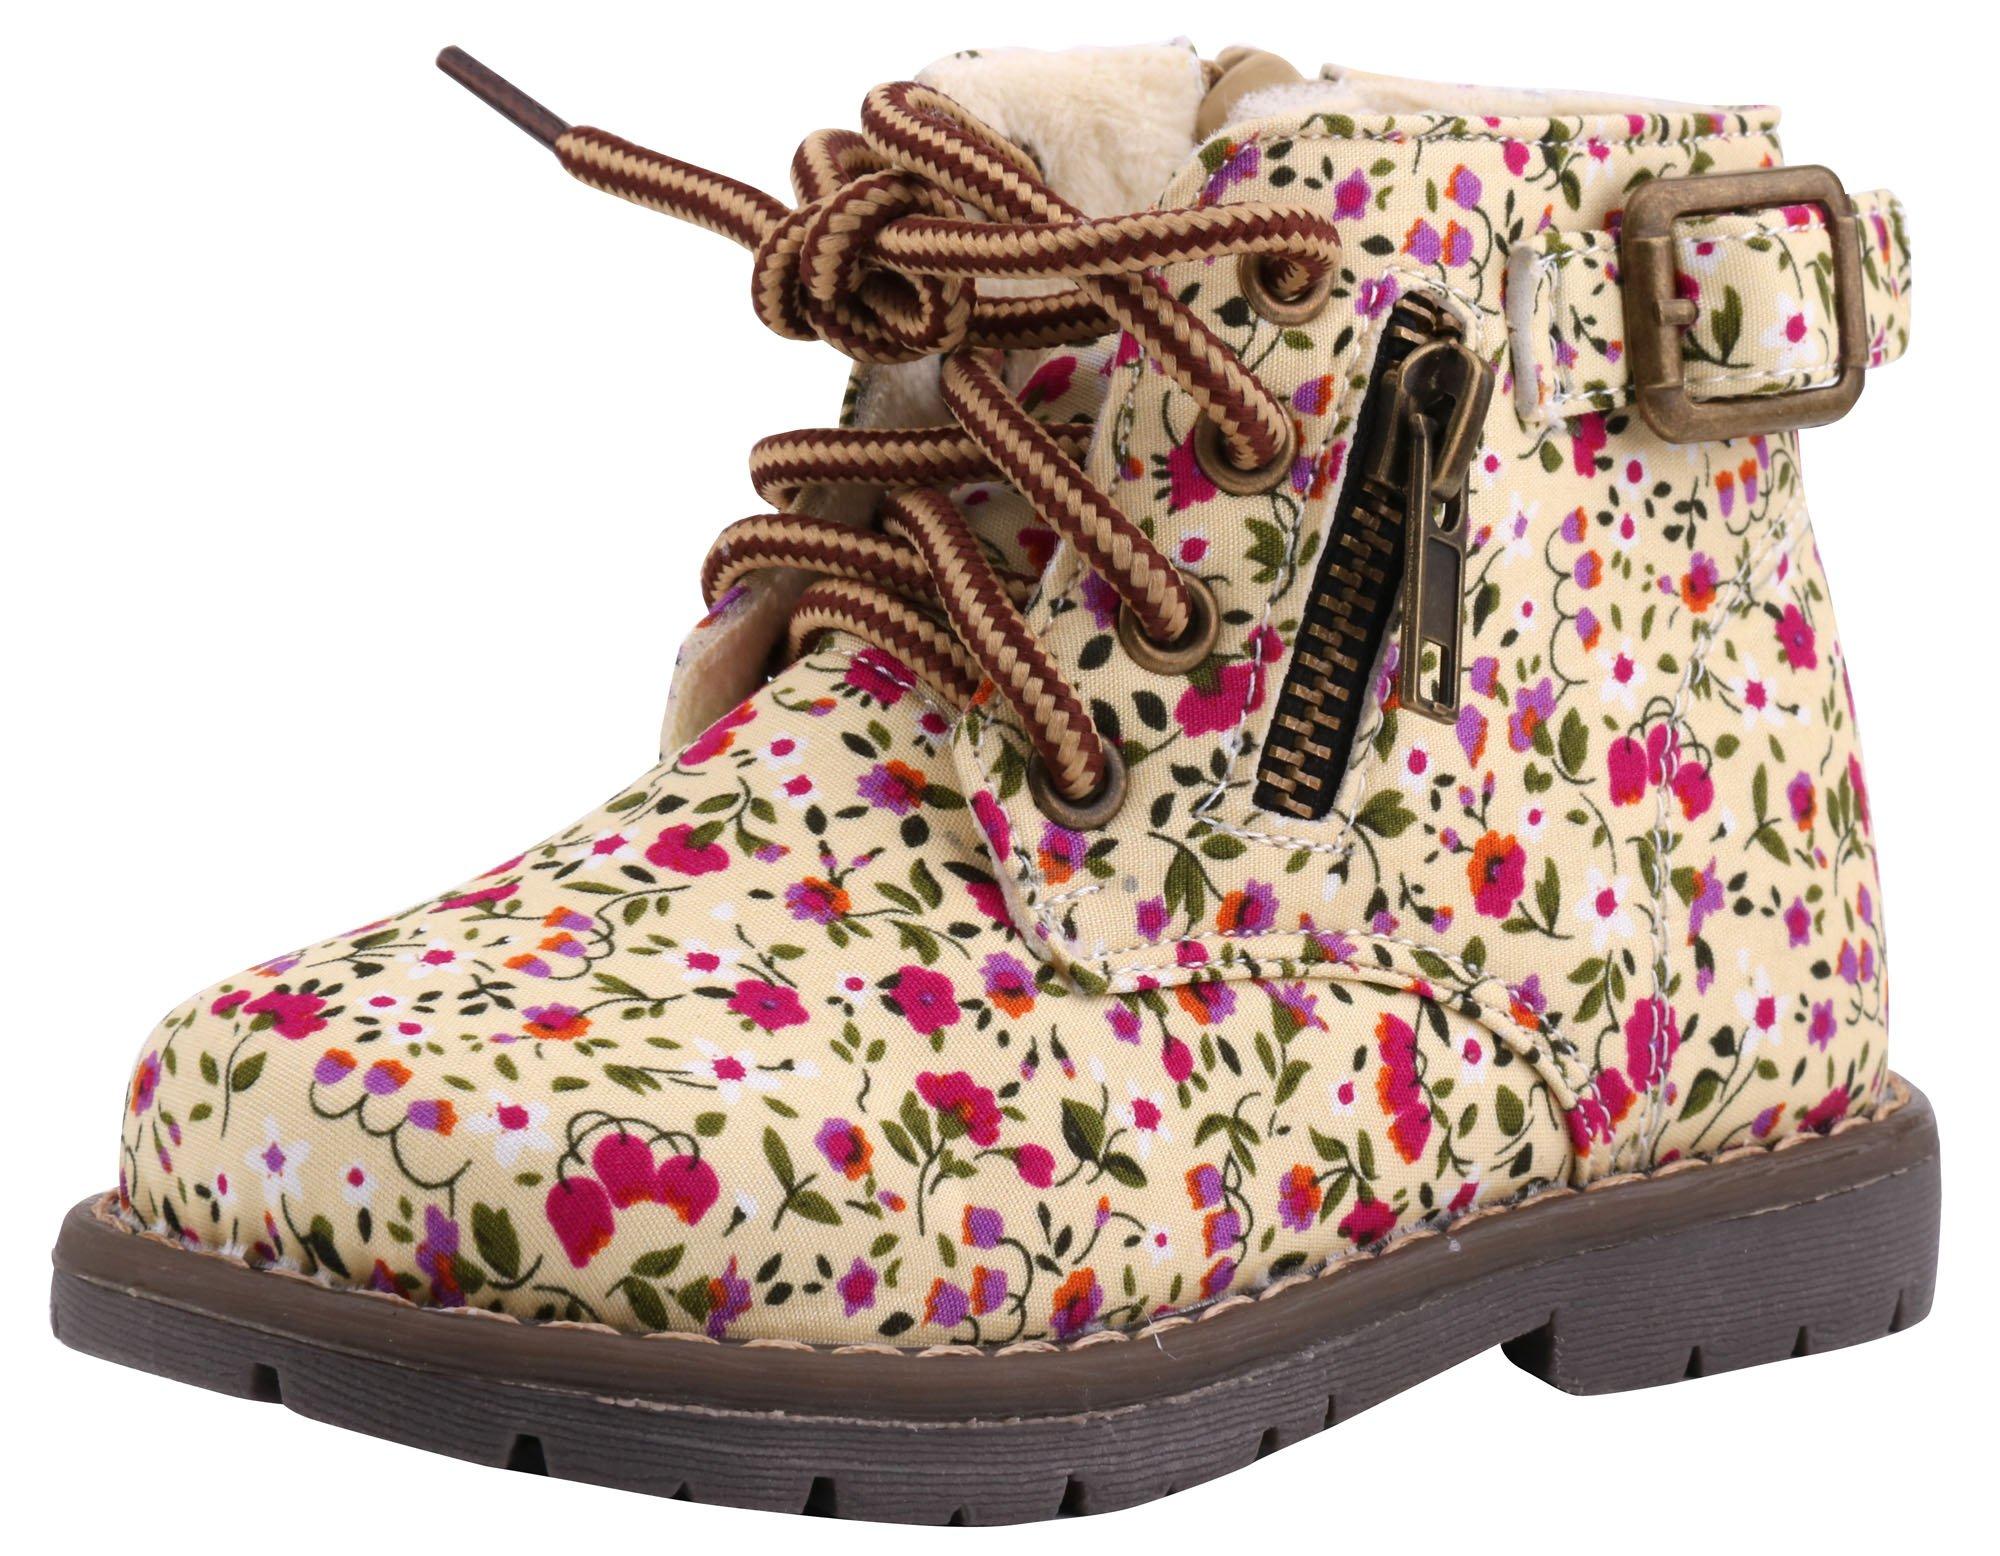 LONSOEN Kid's Zipper Down Ankle Boots Winter Shoes(Toddler/Little Kid) KDB009 Beige Flower CN29